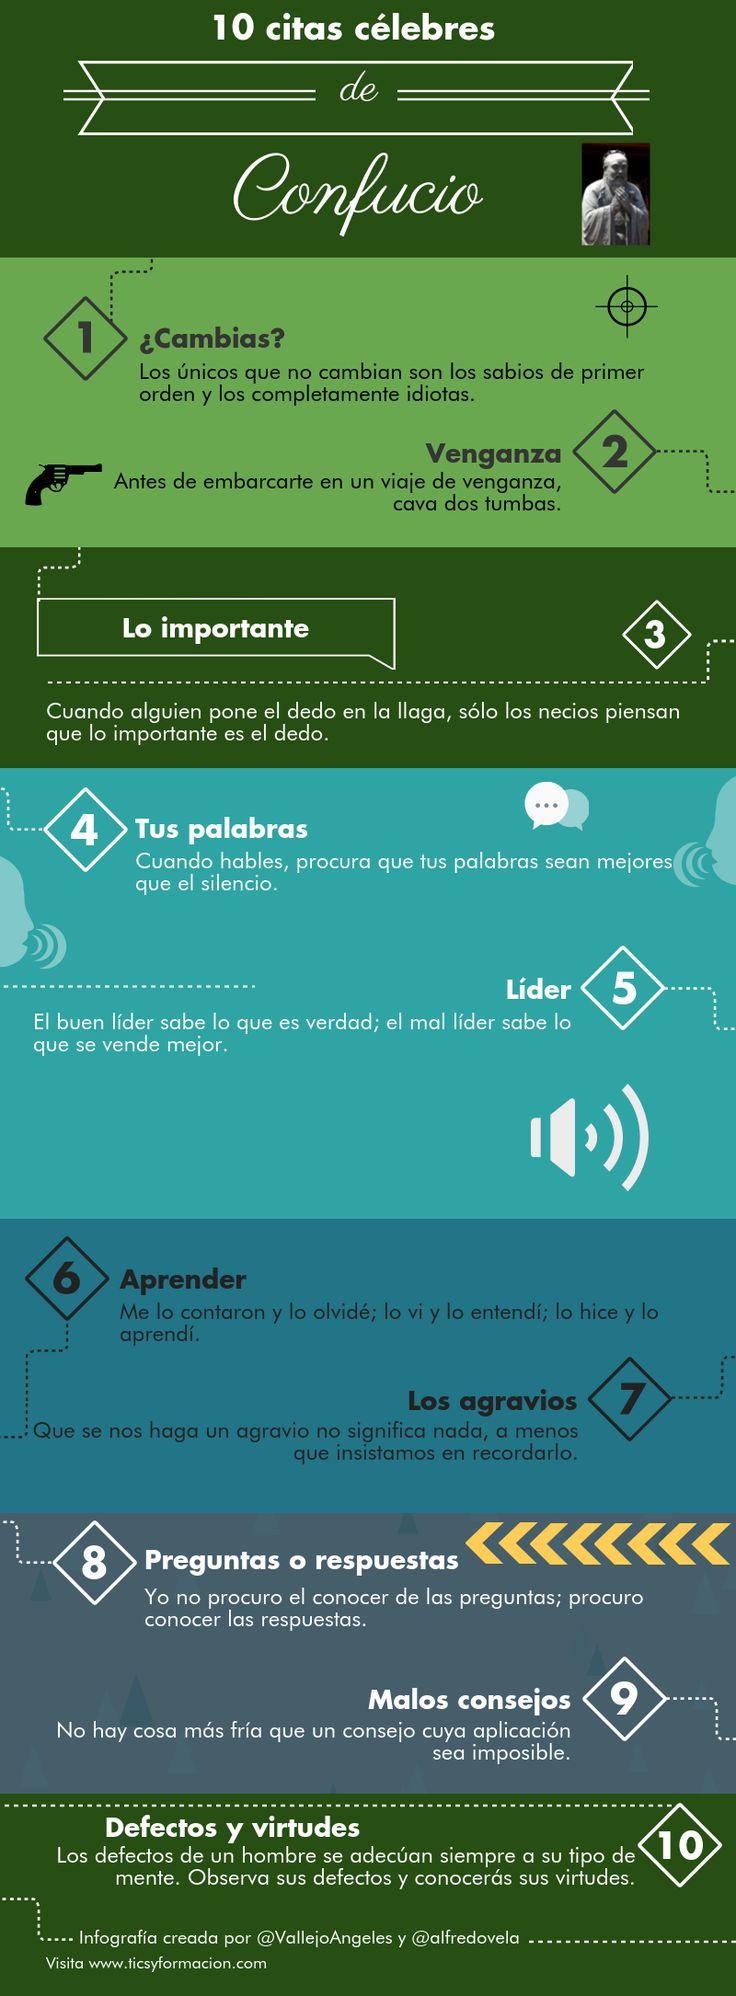 10 citas célebres de Confucio #infografia #infographic #citas #quotes | TICs y Formación